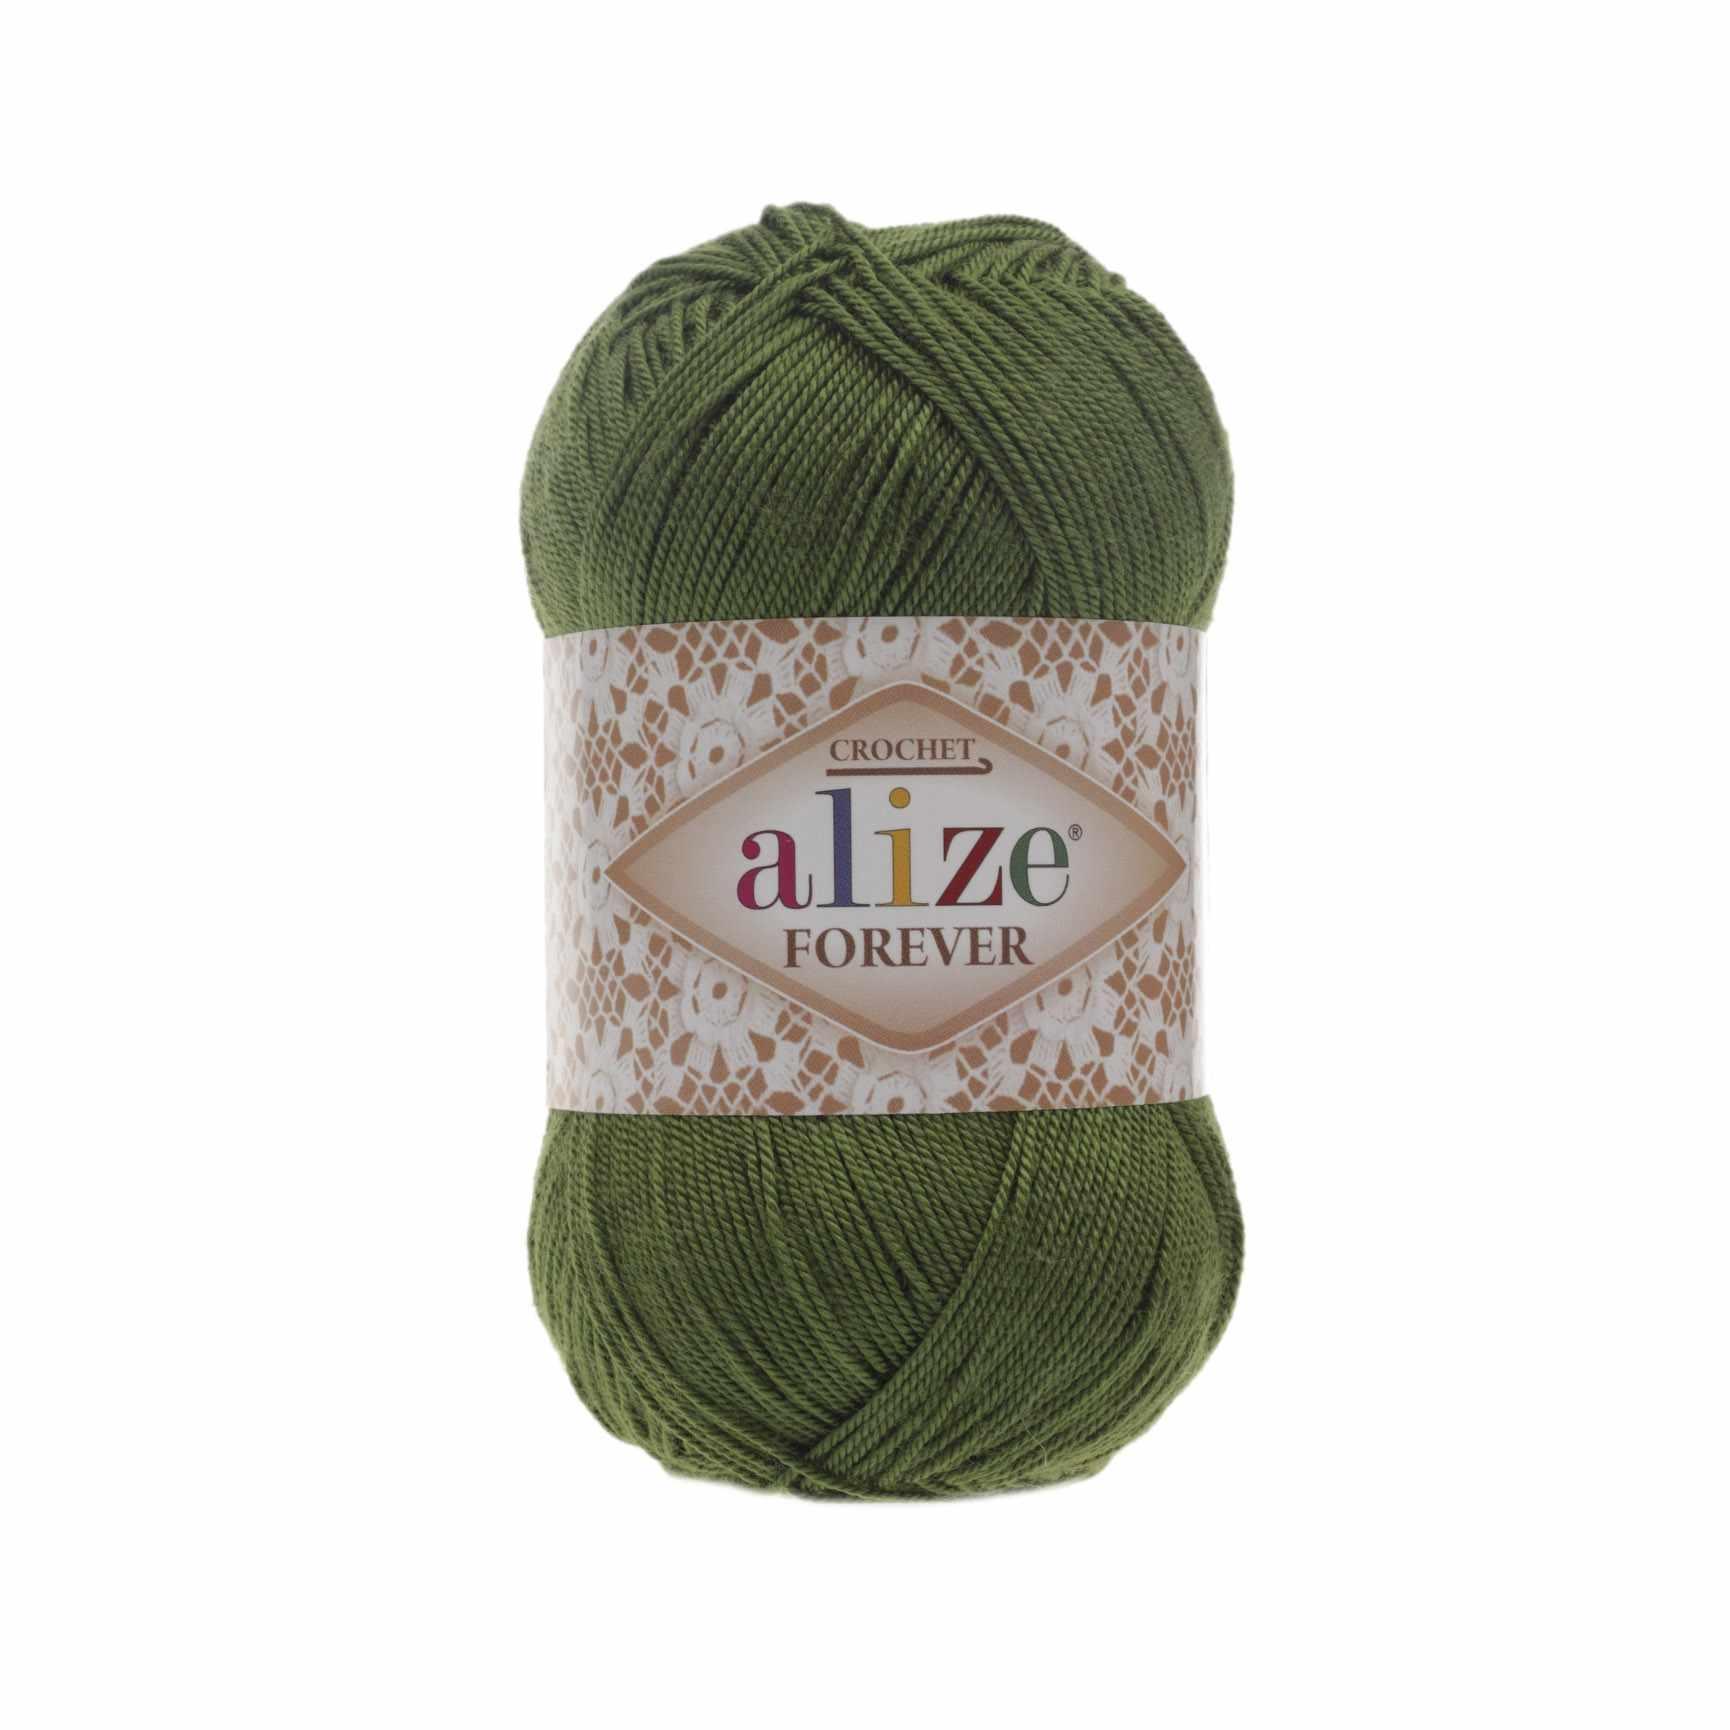 Пряжа Alize Forever Цвет.35 Зеленый